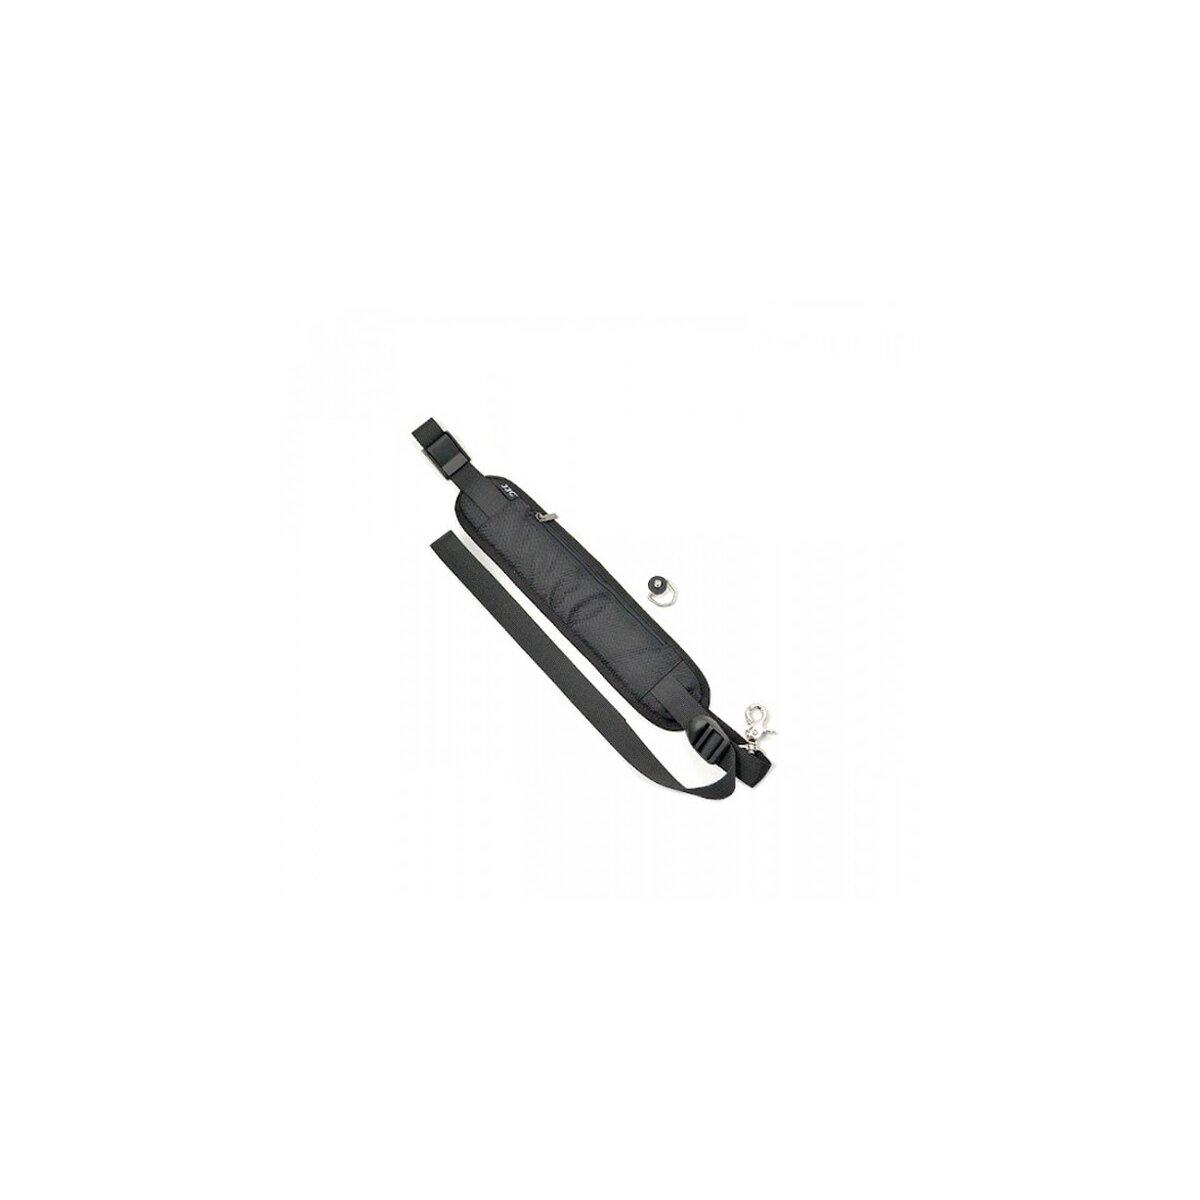 Quick-Strap Sling Kameragurt Schultergurt mit Aluminium Montageschraube fuer DSLR-Kameras universell passend